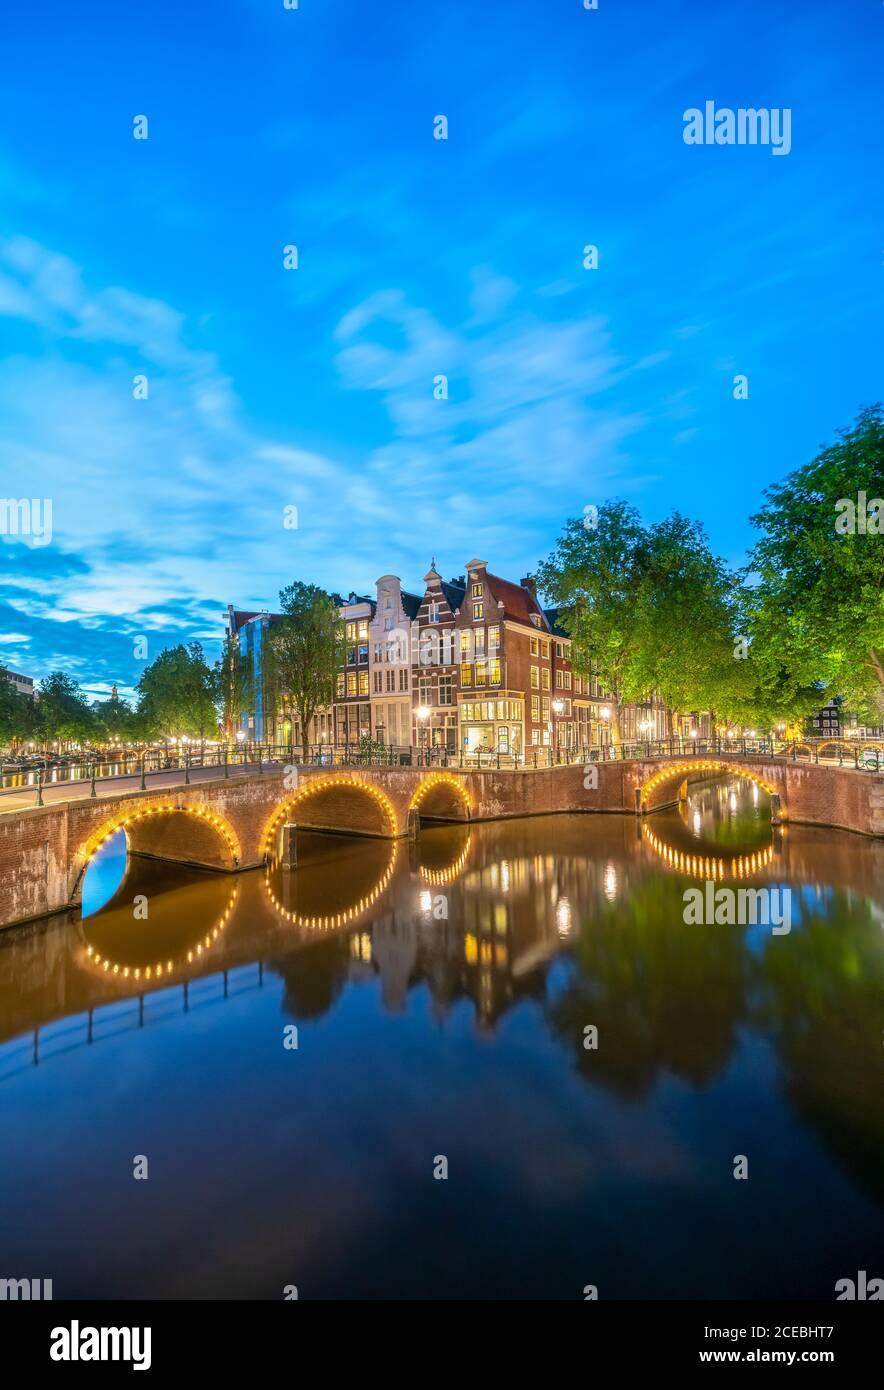 Ponti canale di Amsterdam. Canali e ponti Keizersgracht e Leidsegracht di notte. La cintura dei canali di Amsterdam Grachtengordel, patrimonio dell'umanità dell'UNESCO Foto Stock